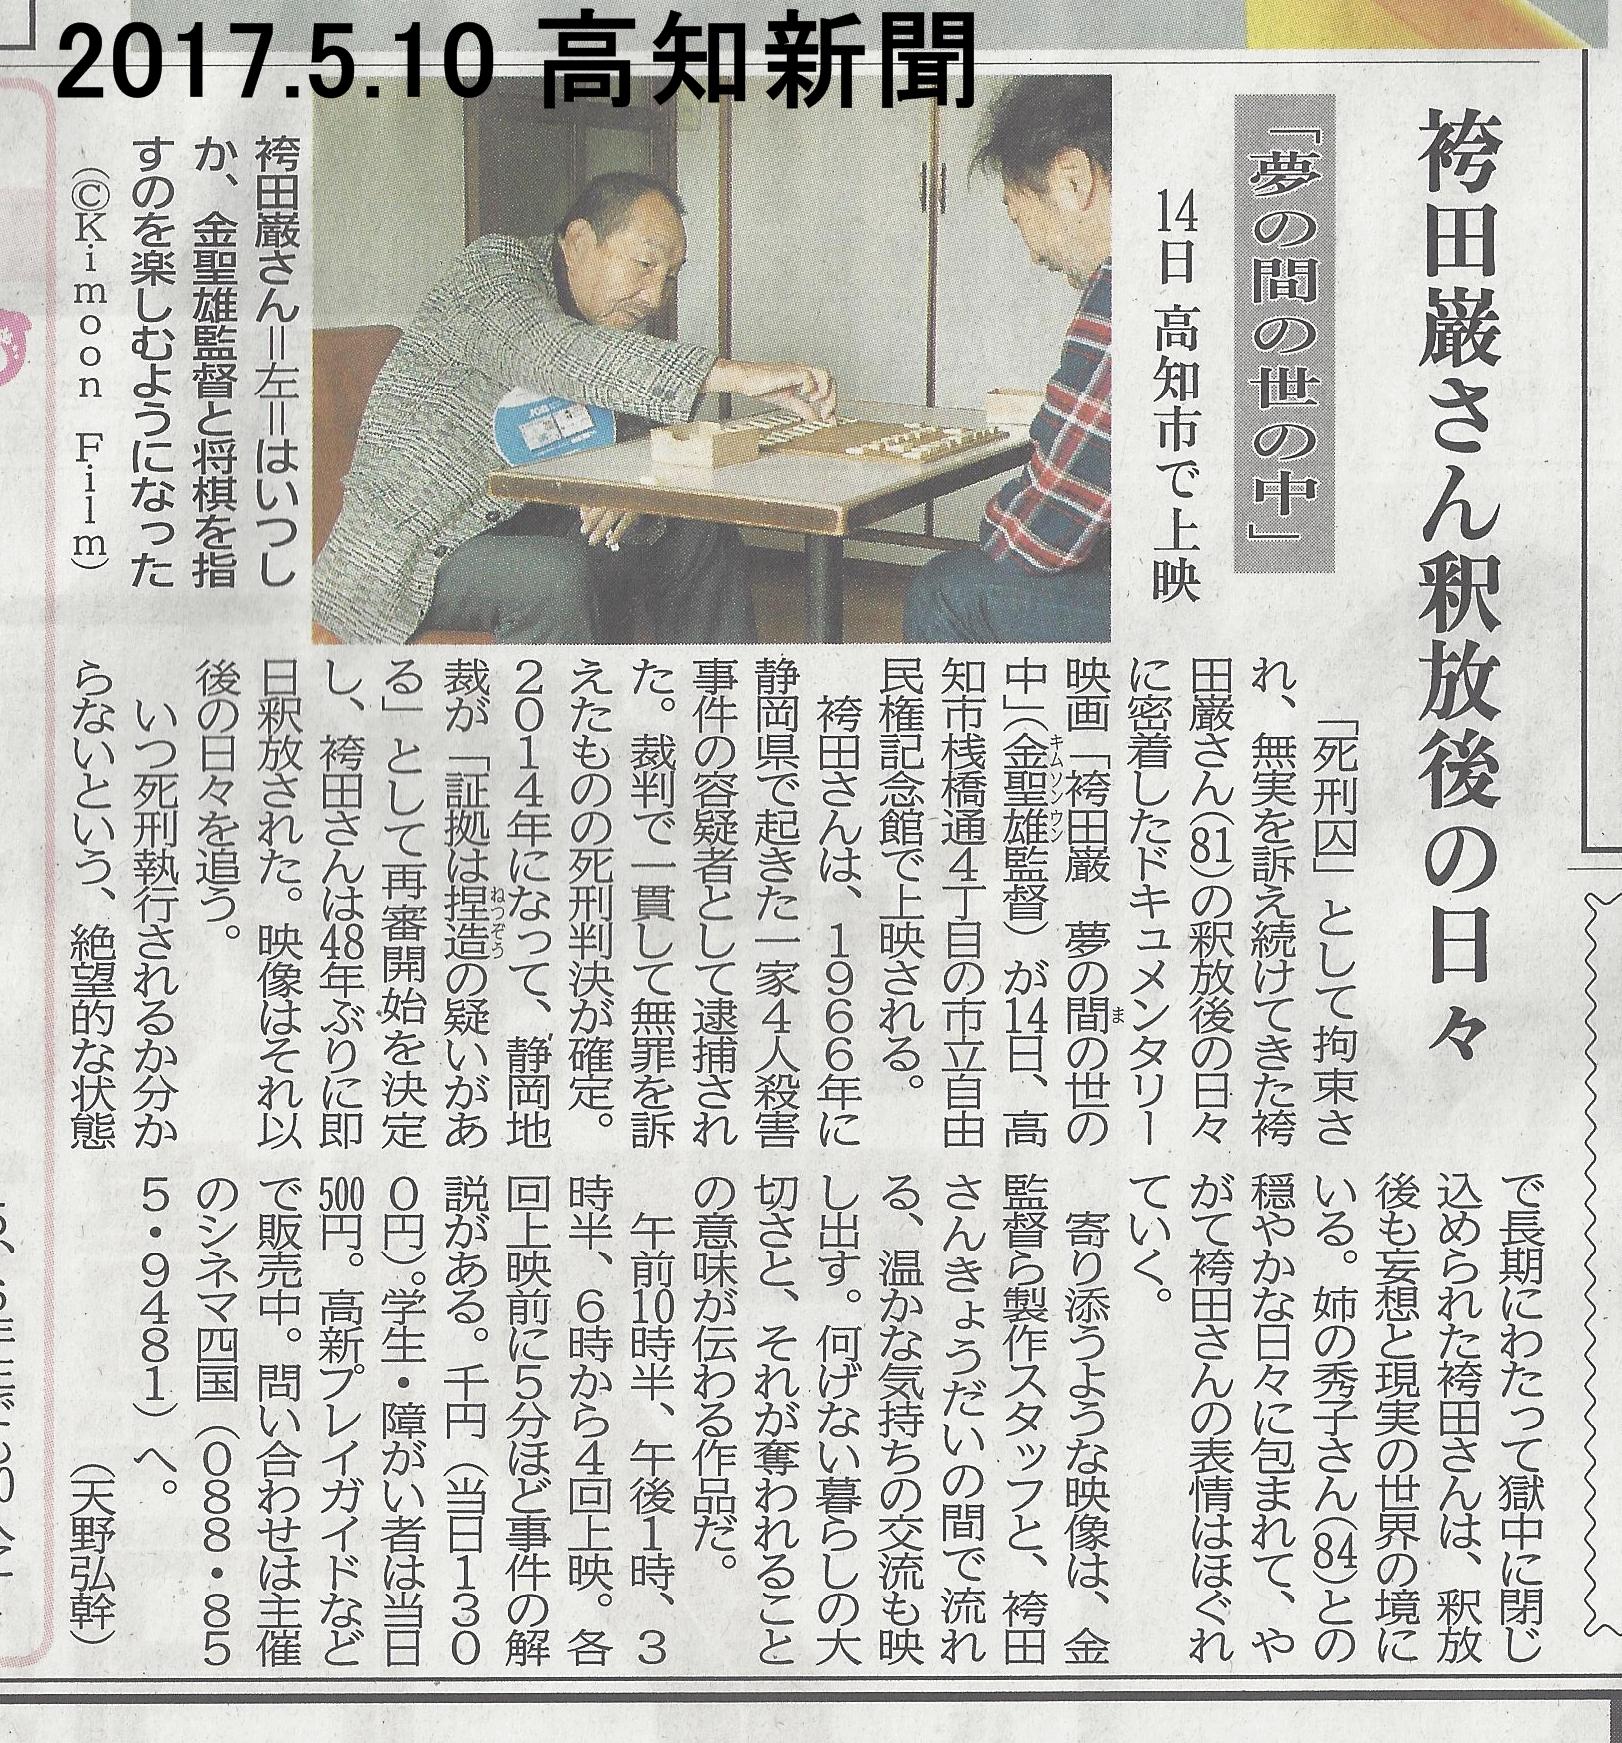 メディア情報を更新しました!~2017.5.10 高知新聞